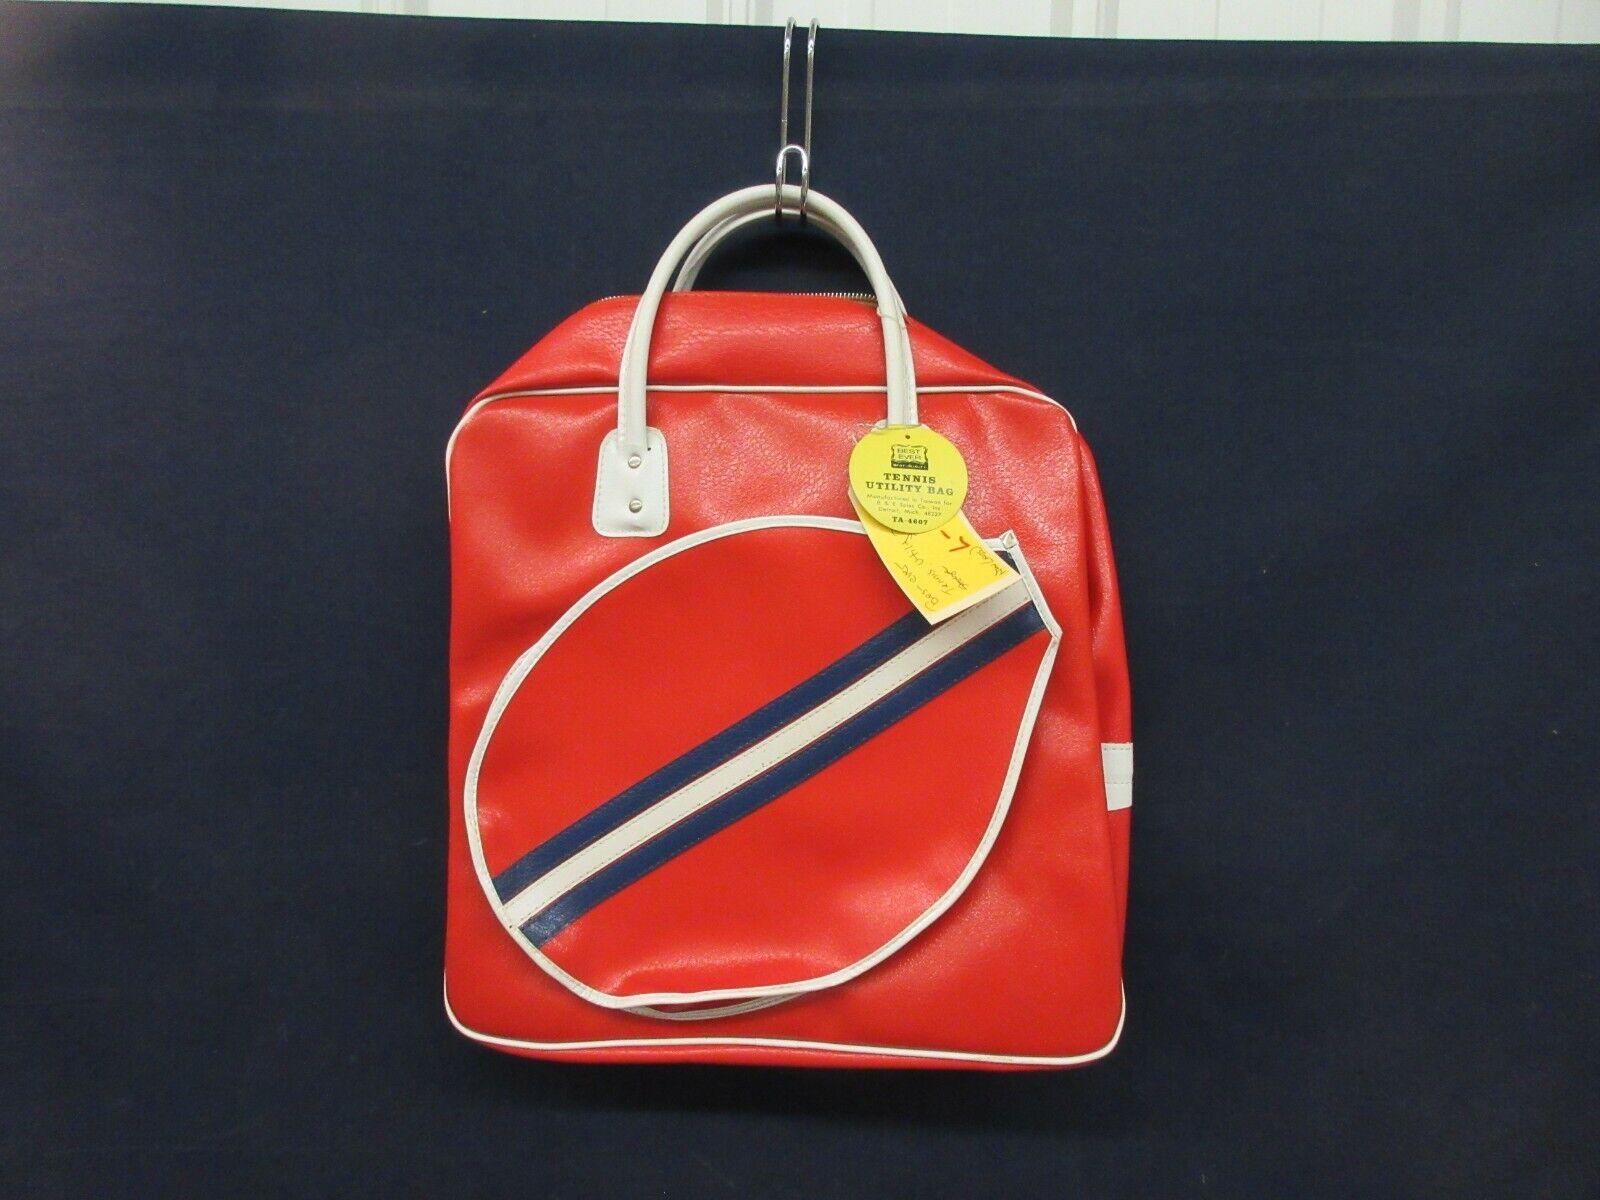 Mejor Bolsa de utilidad de tenis nunca Vintage Deportes Estuche  Rojo blancoo Vinilo equipaje  precioso